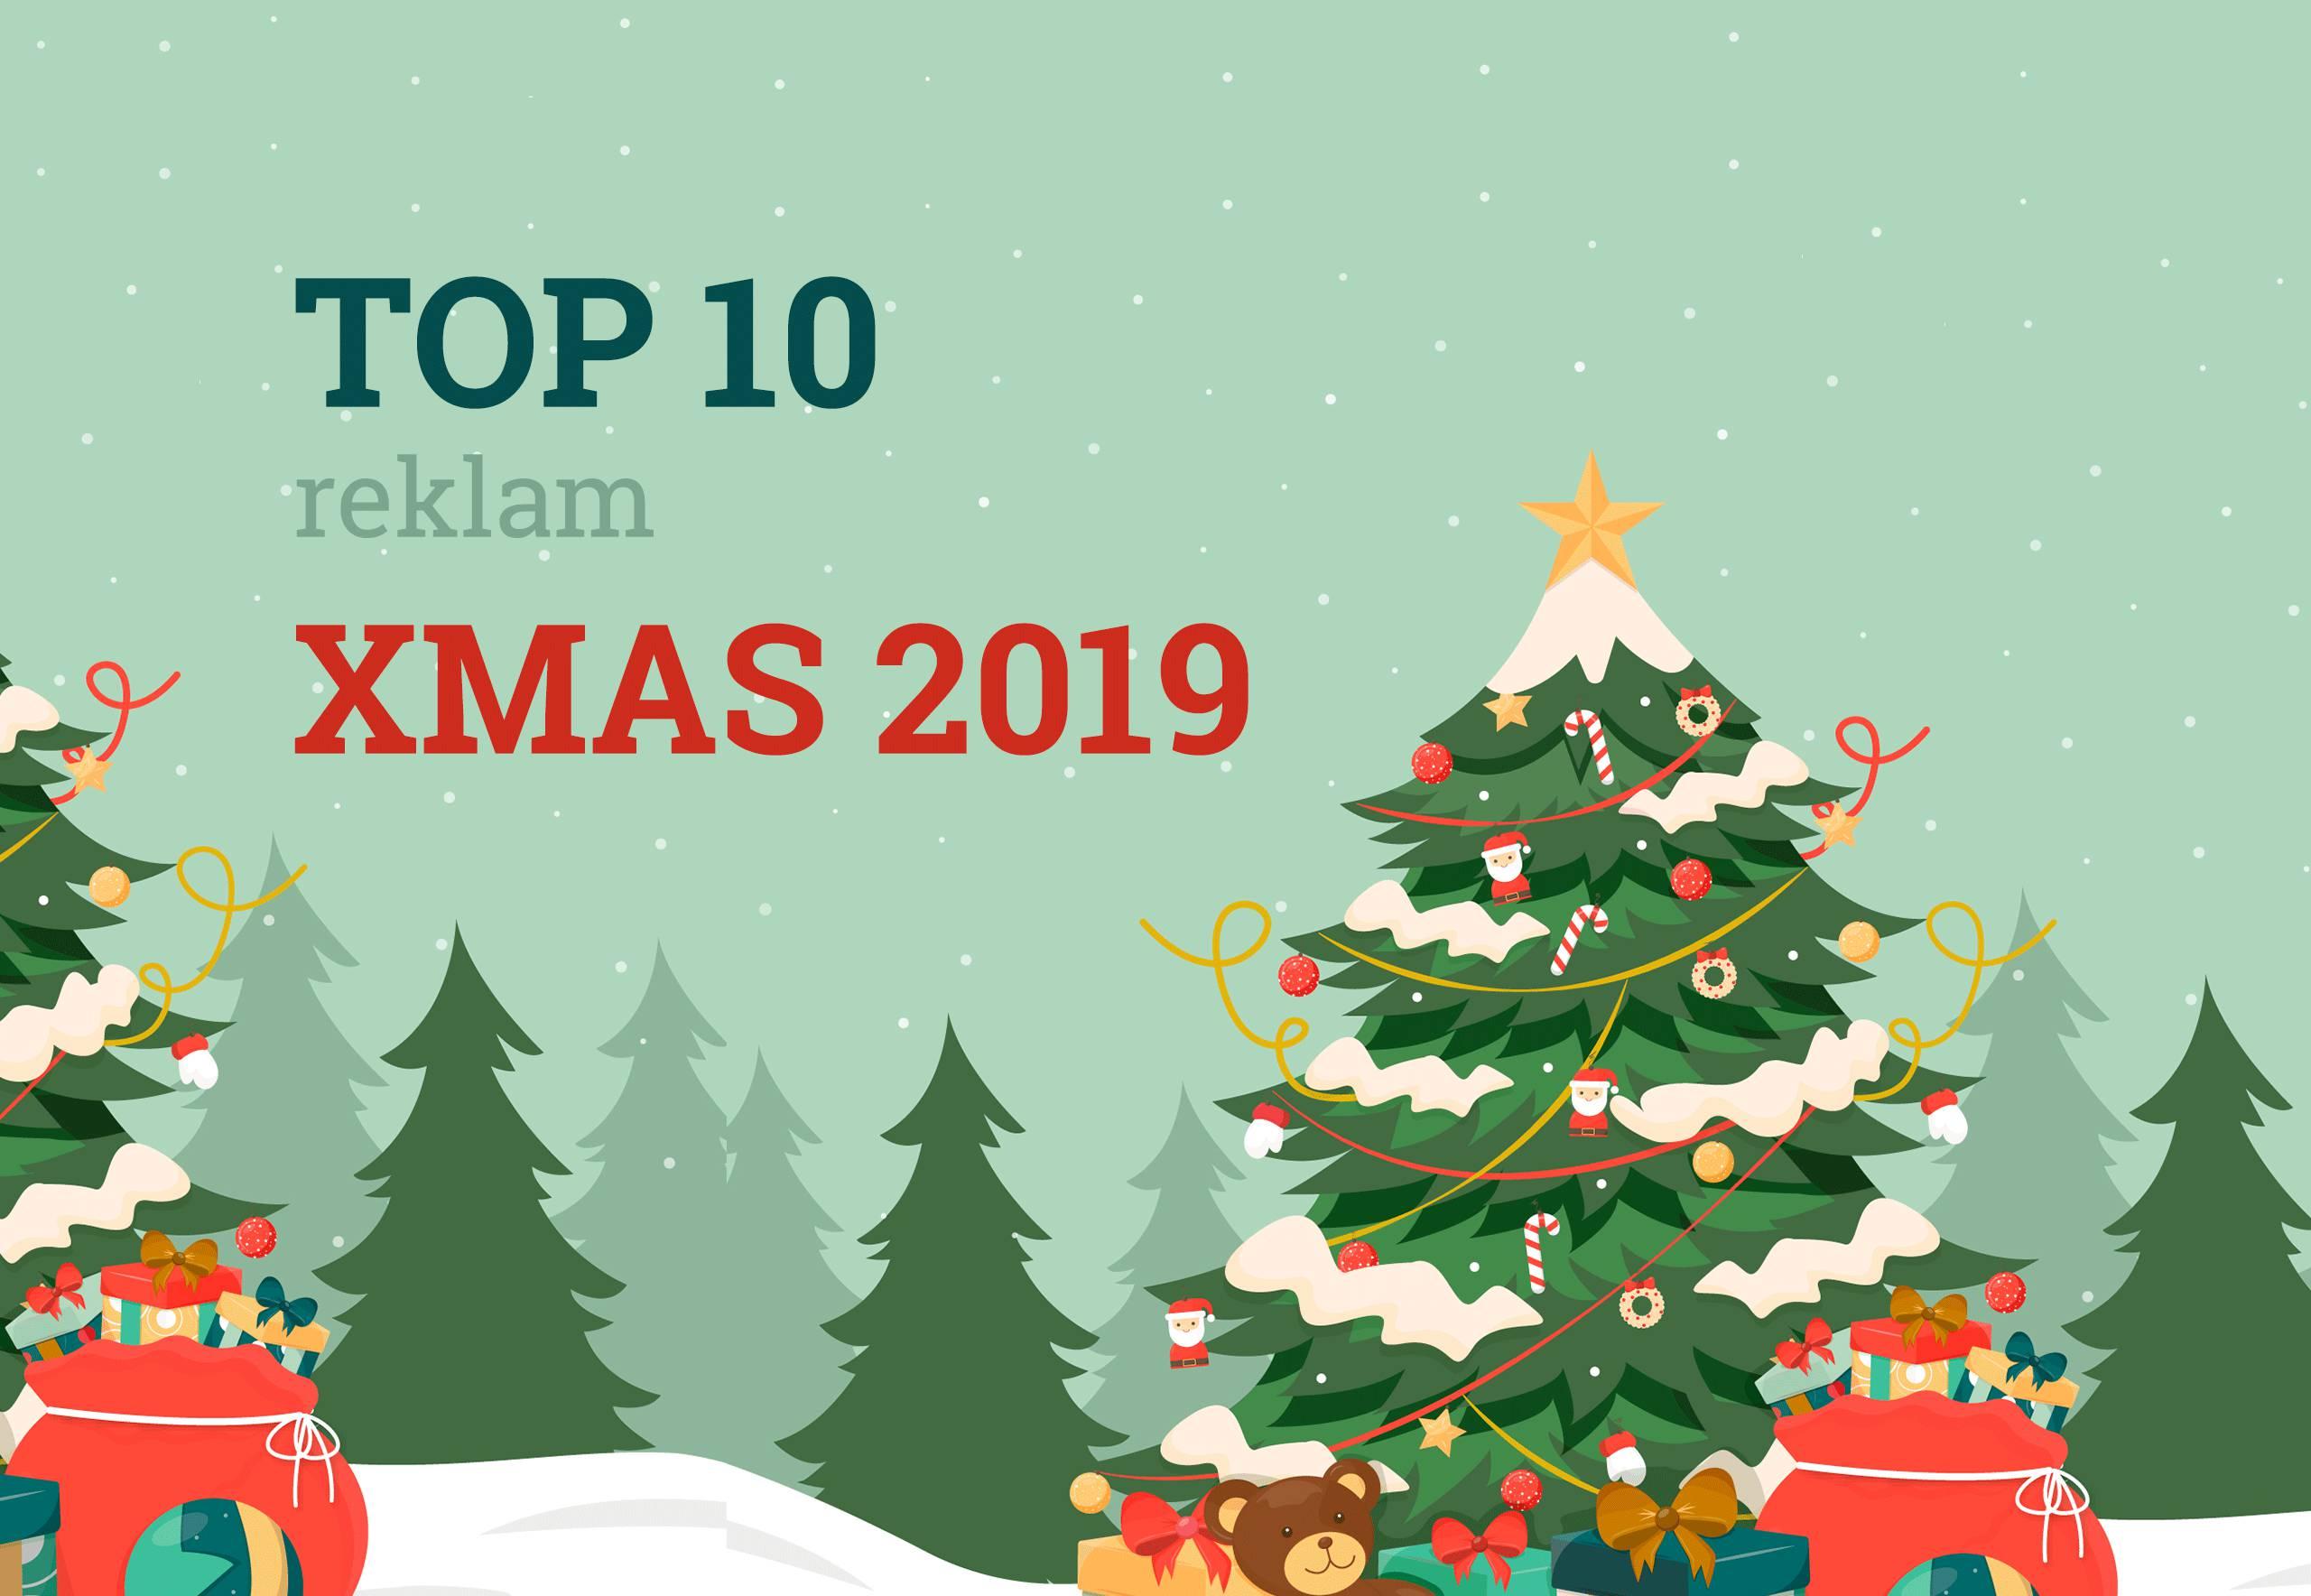 najlepsze reklamy świąteczne 2019